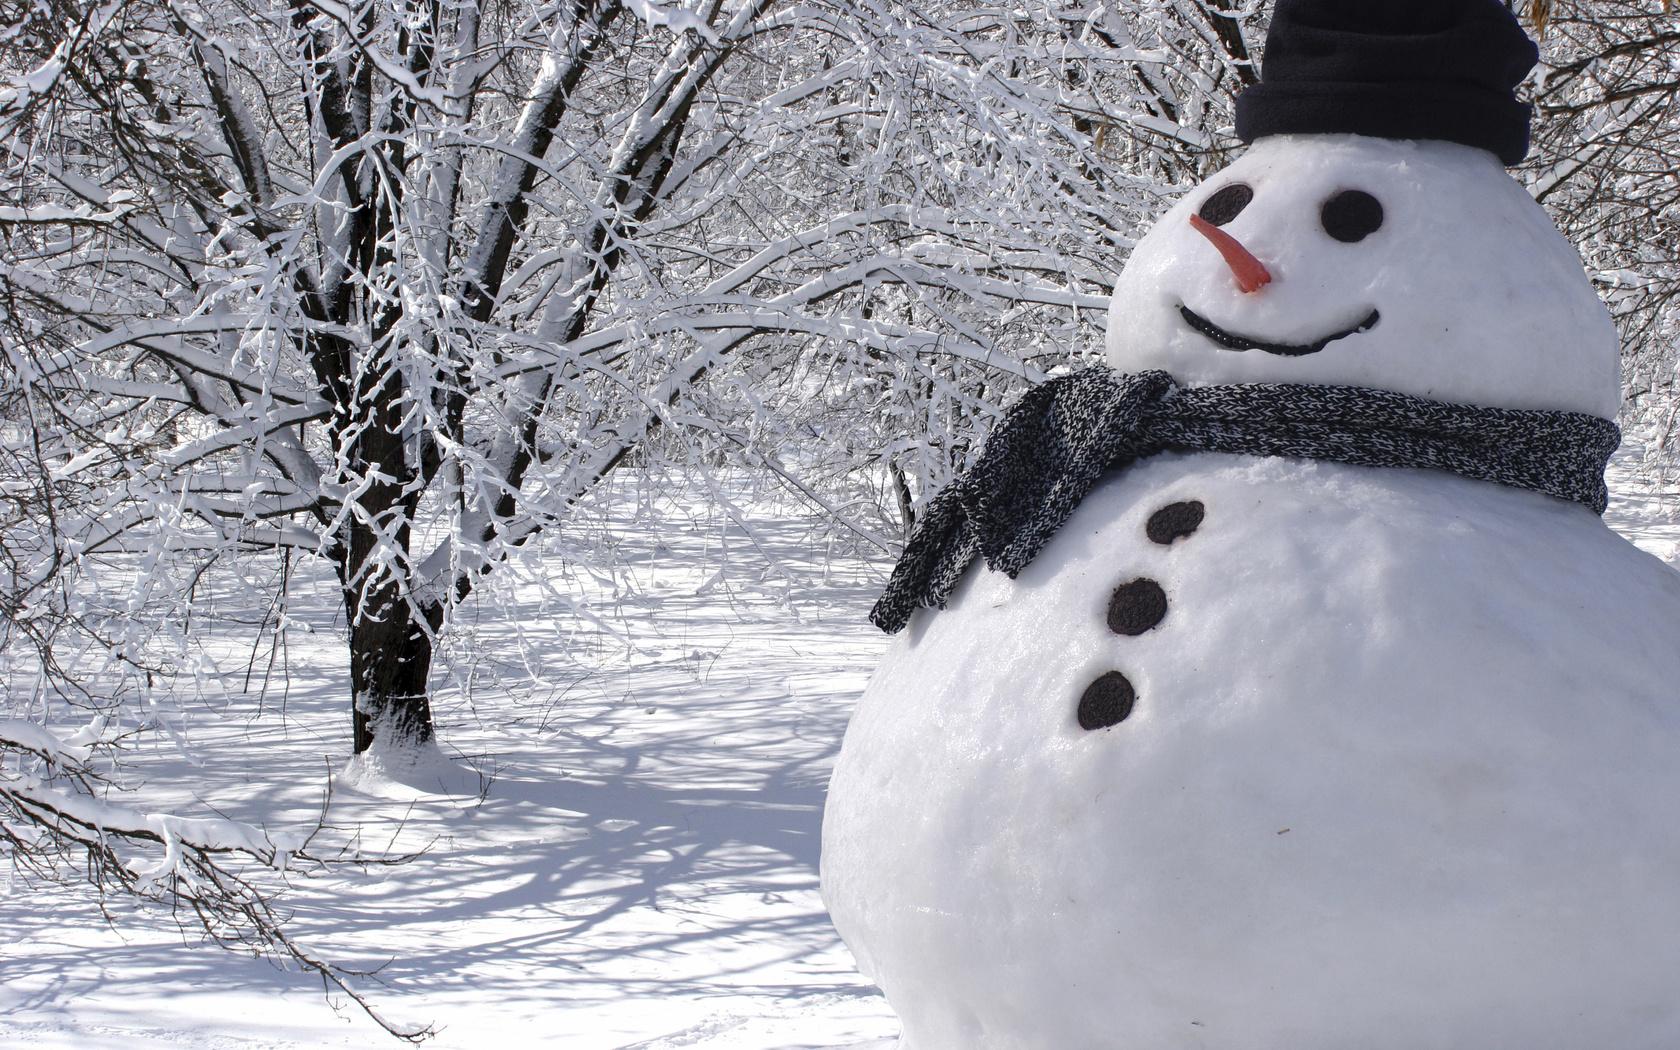 людей веселые картинки о зиме т морозе статью